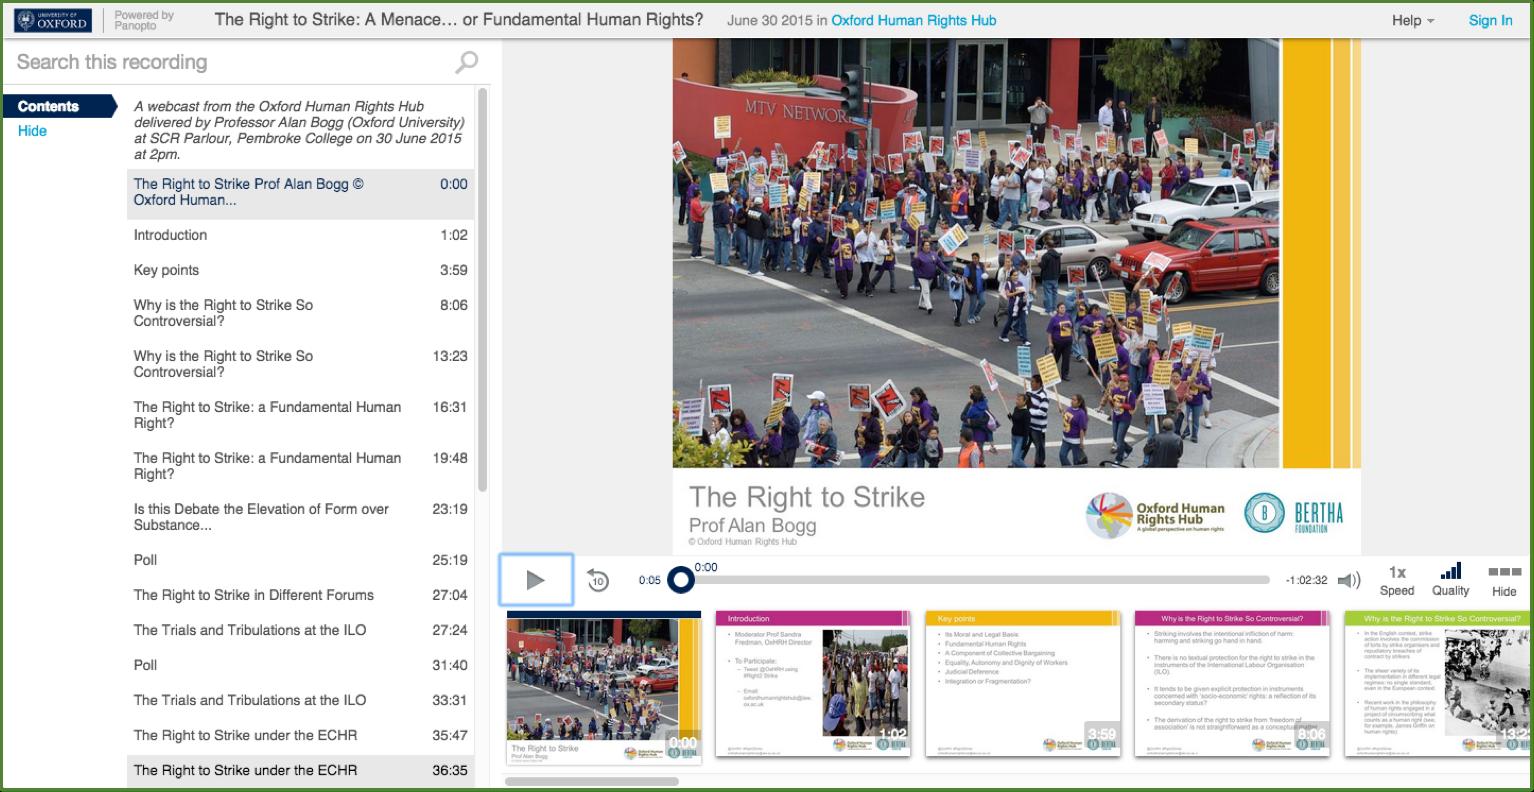 Le droit de grève - Panopto Video Presentation Platform